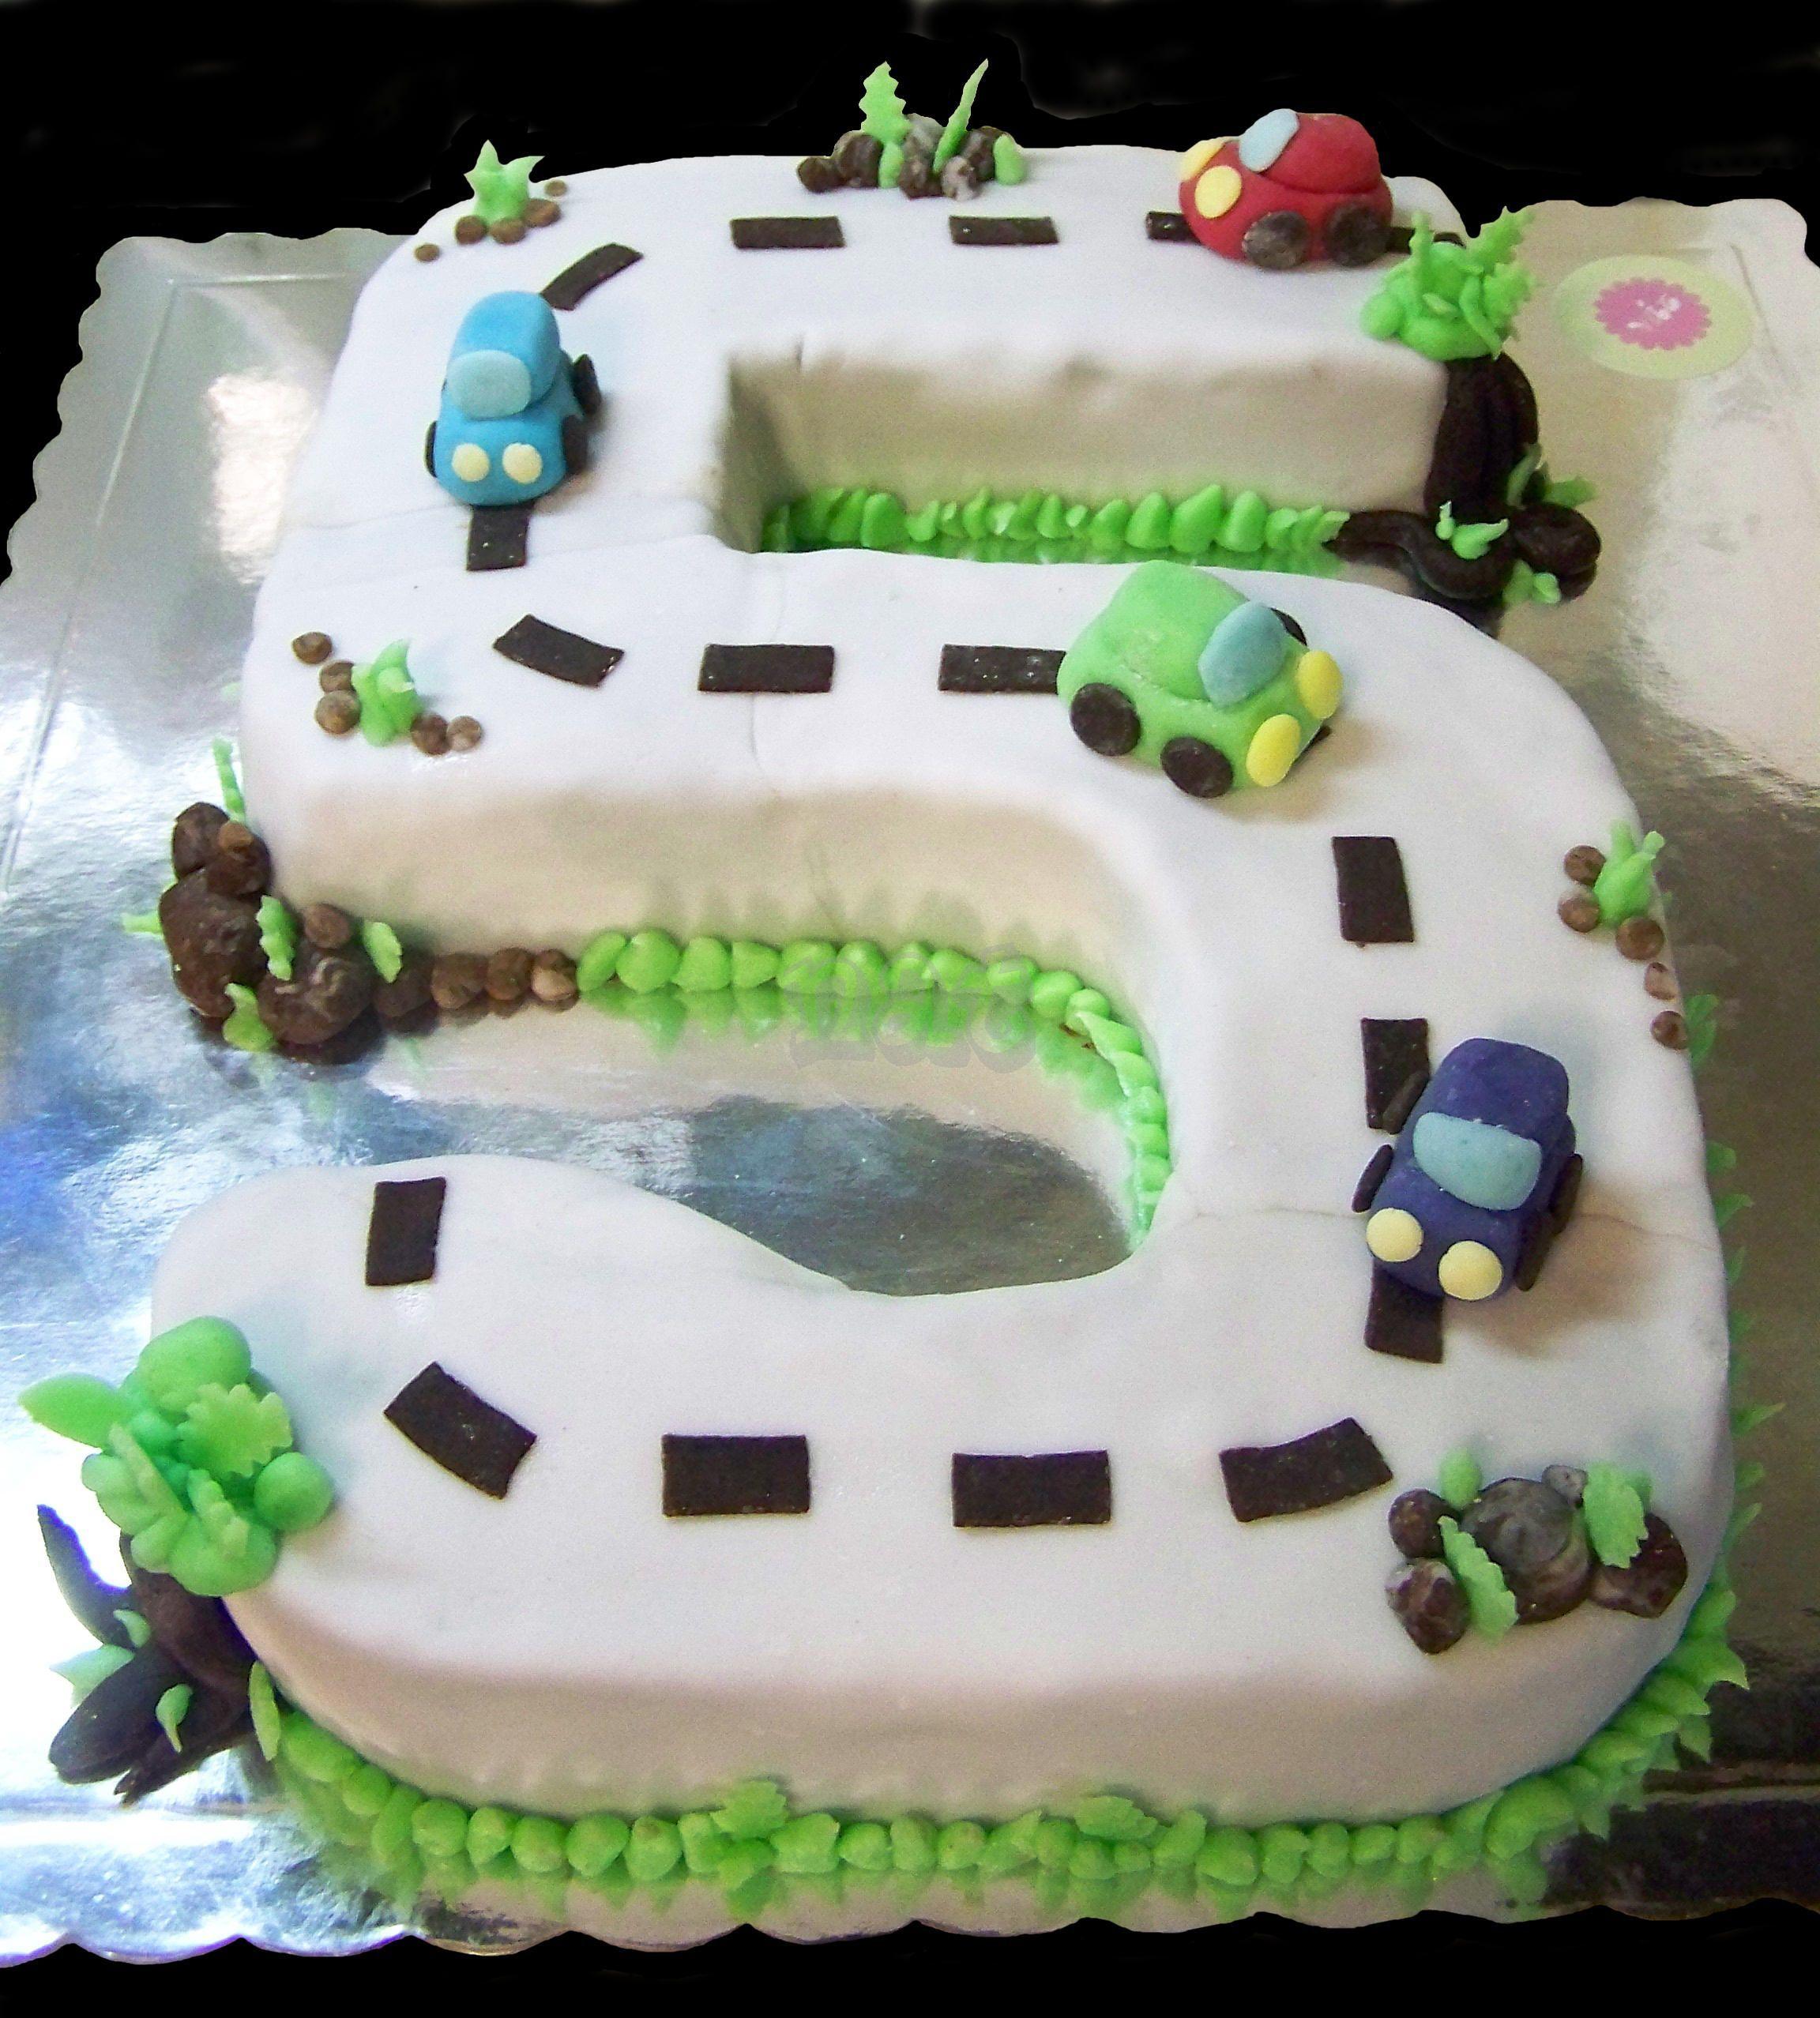 Artist Cake Ideas Cake For A One Year Old Hey Ideas Birthday - 5th birthday cake boy